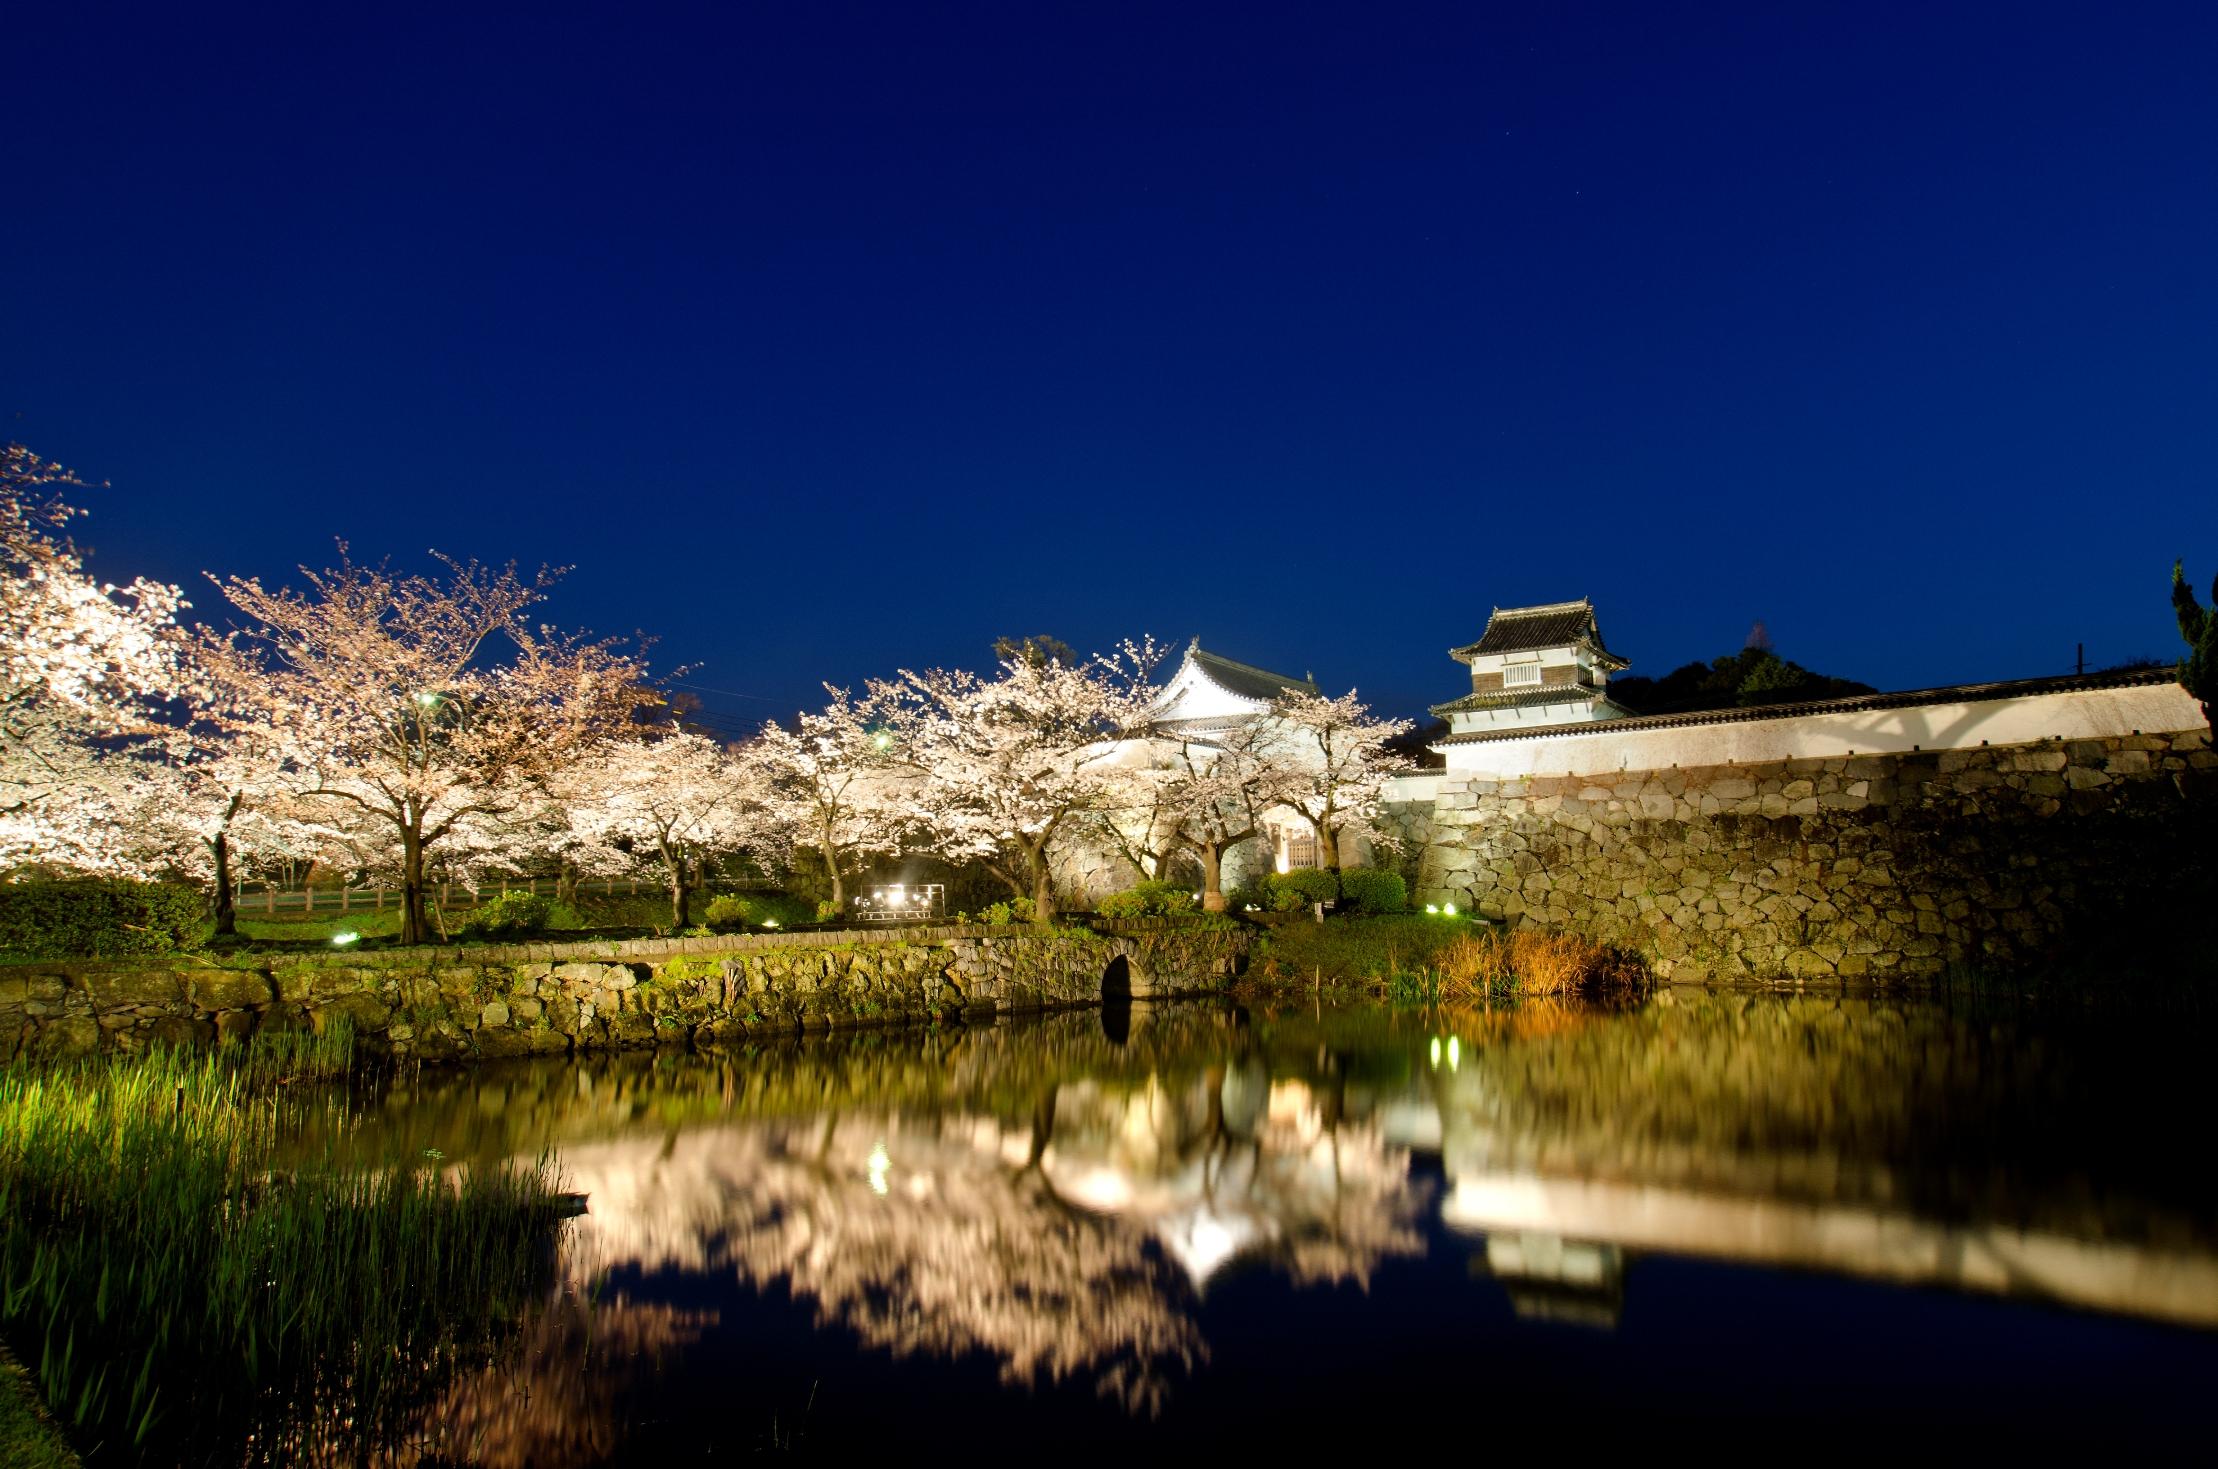 舞鶴公園・桜 福岡城さくらまつり